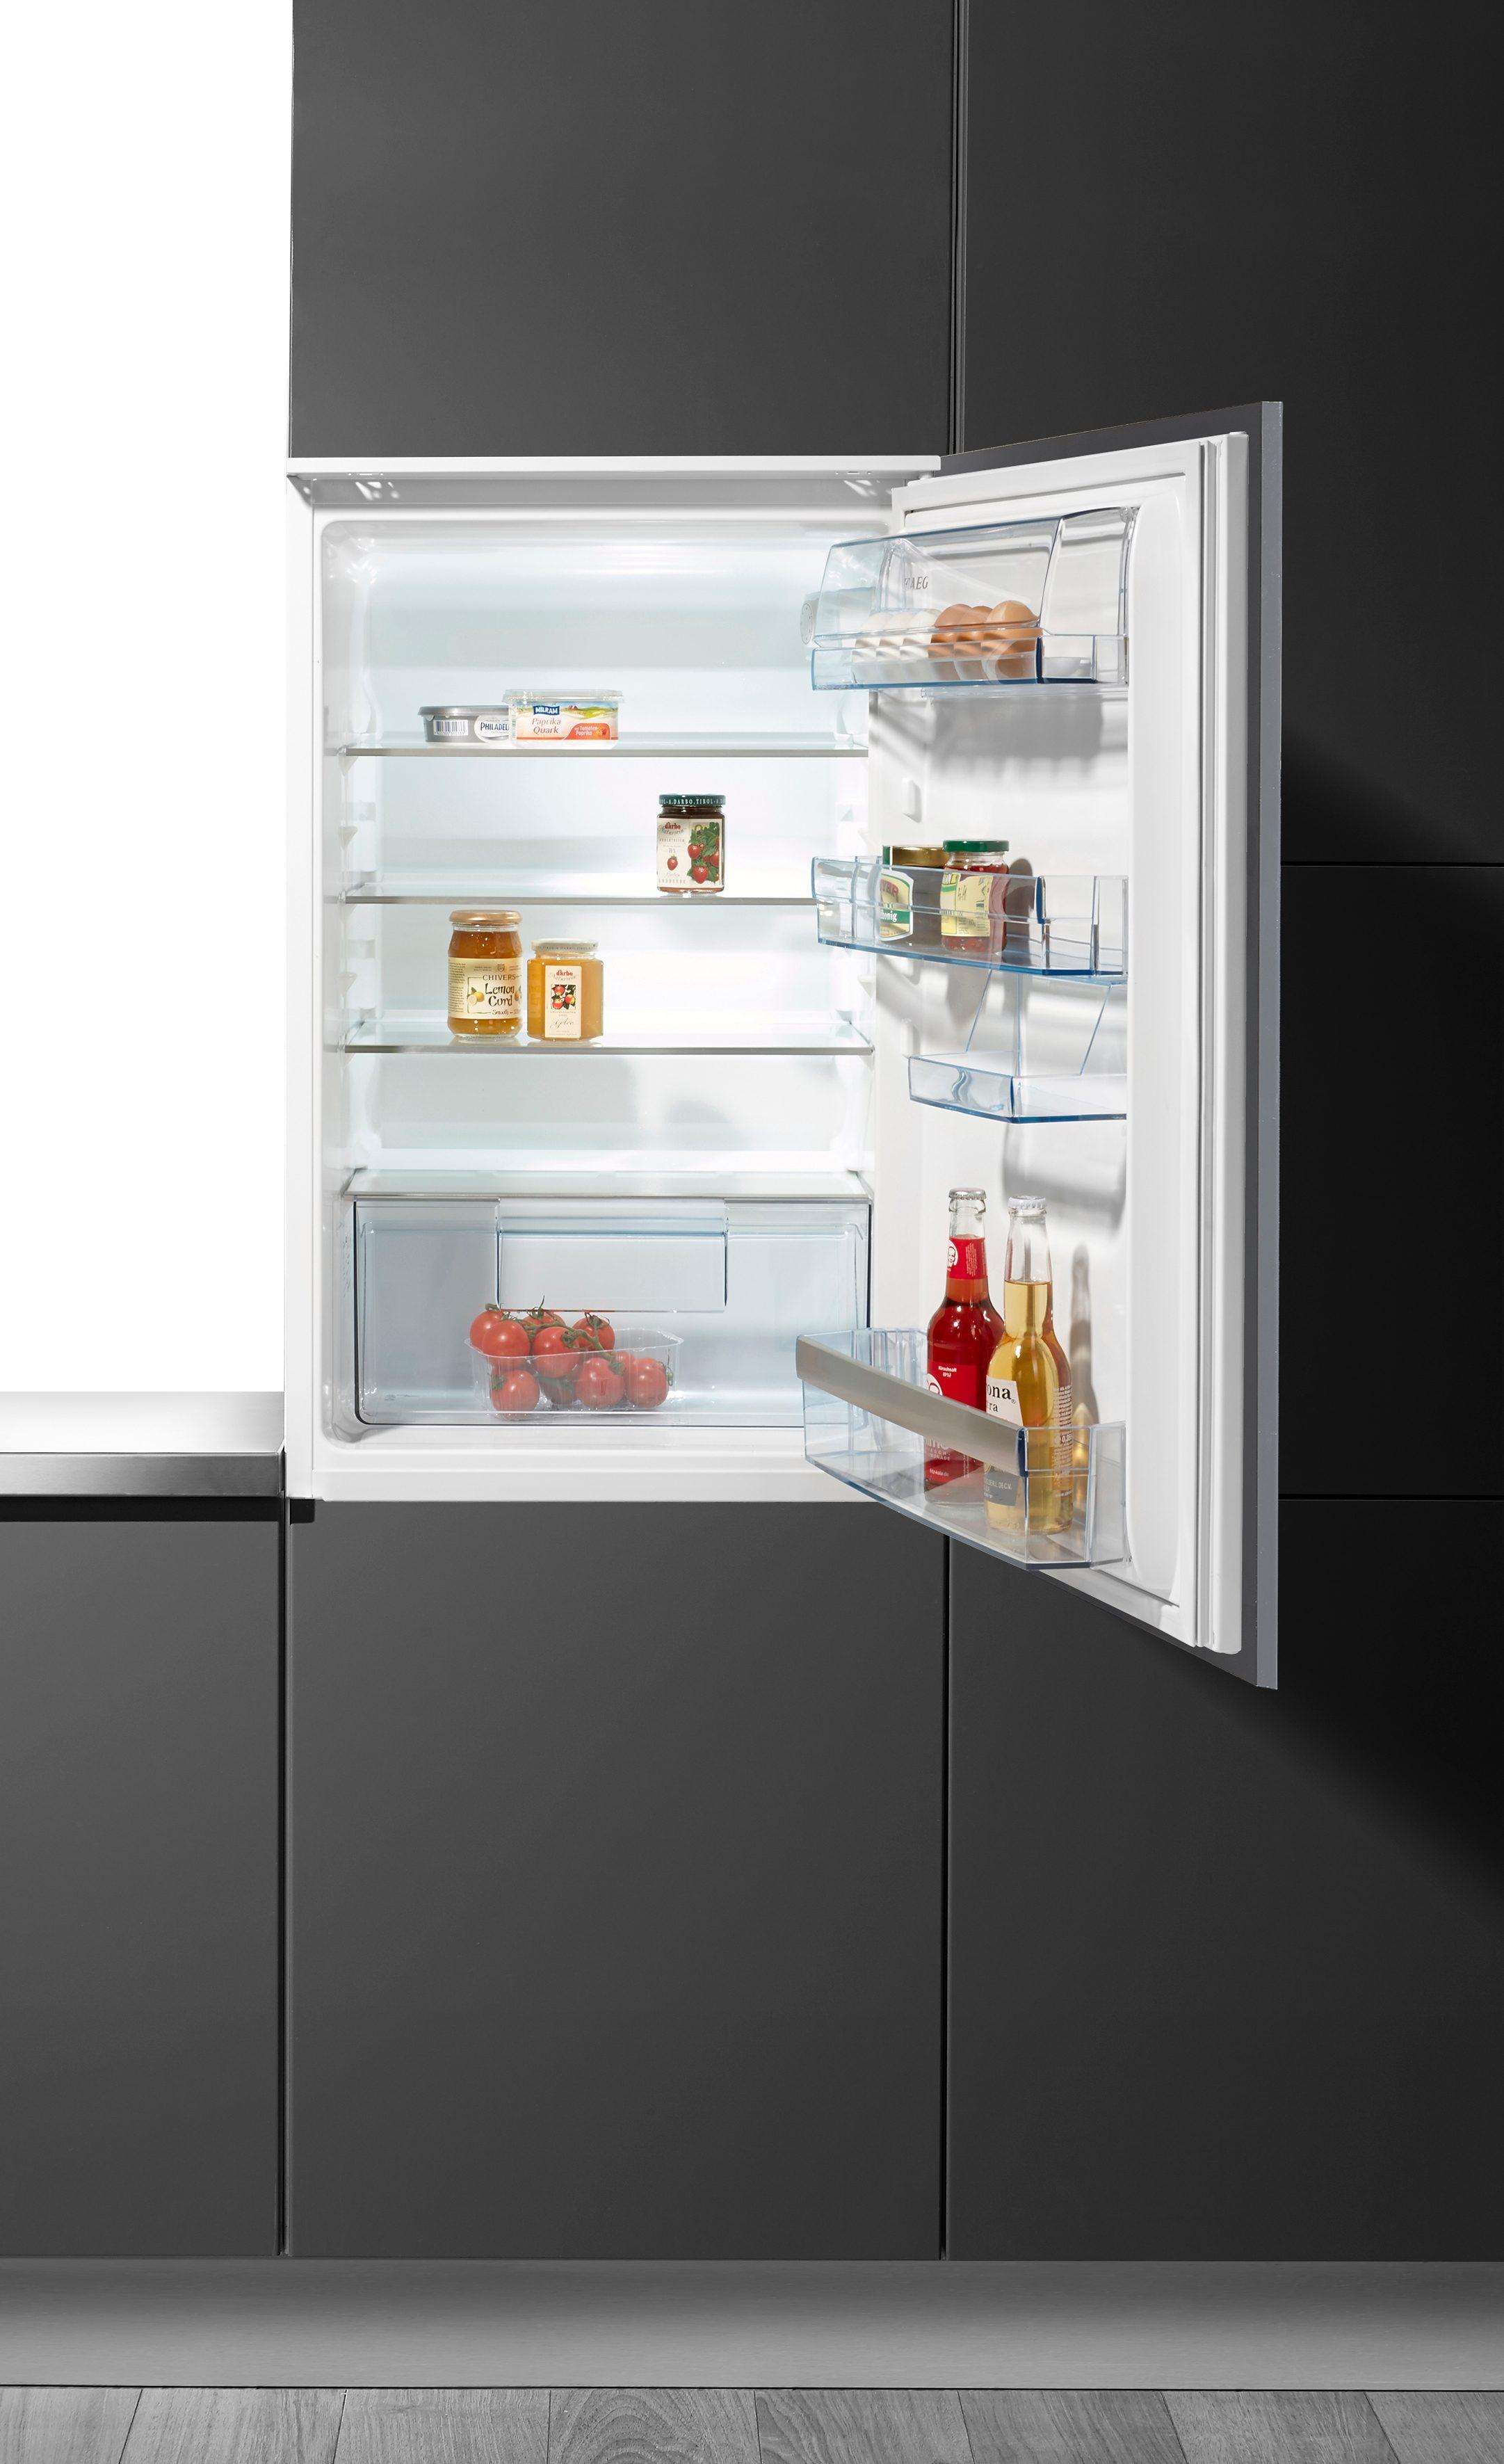 AEG integrierbarer Einbaukühlschrank SANTO / SKS58800S1, A+, 88,0 cm hoch